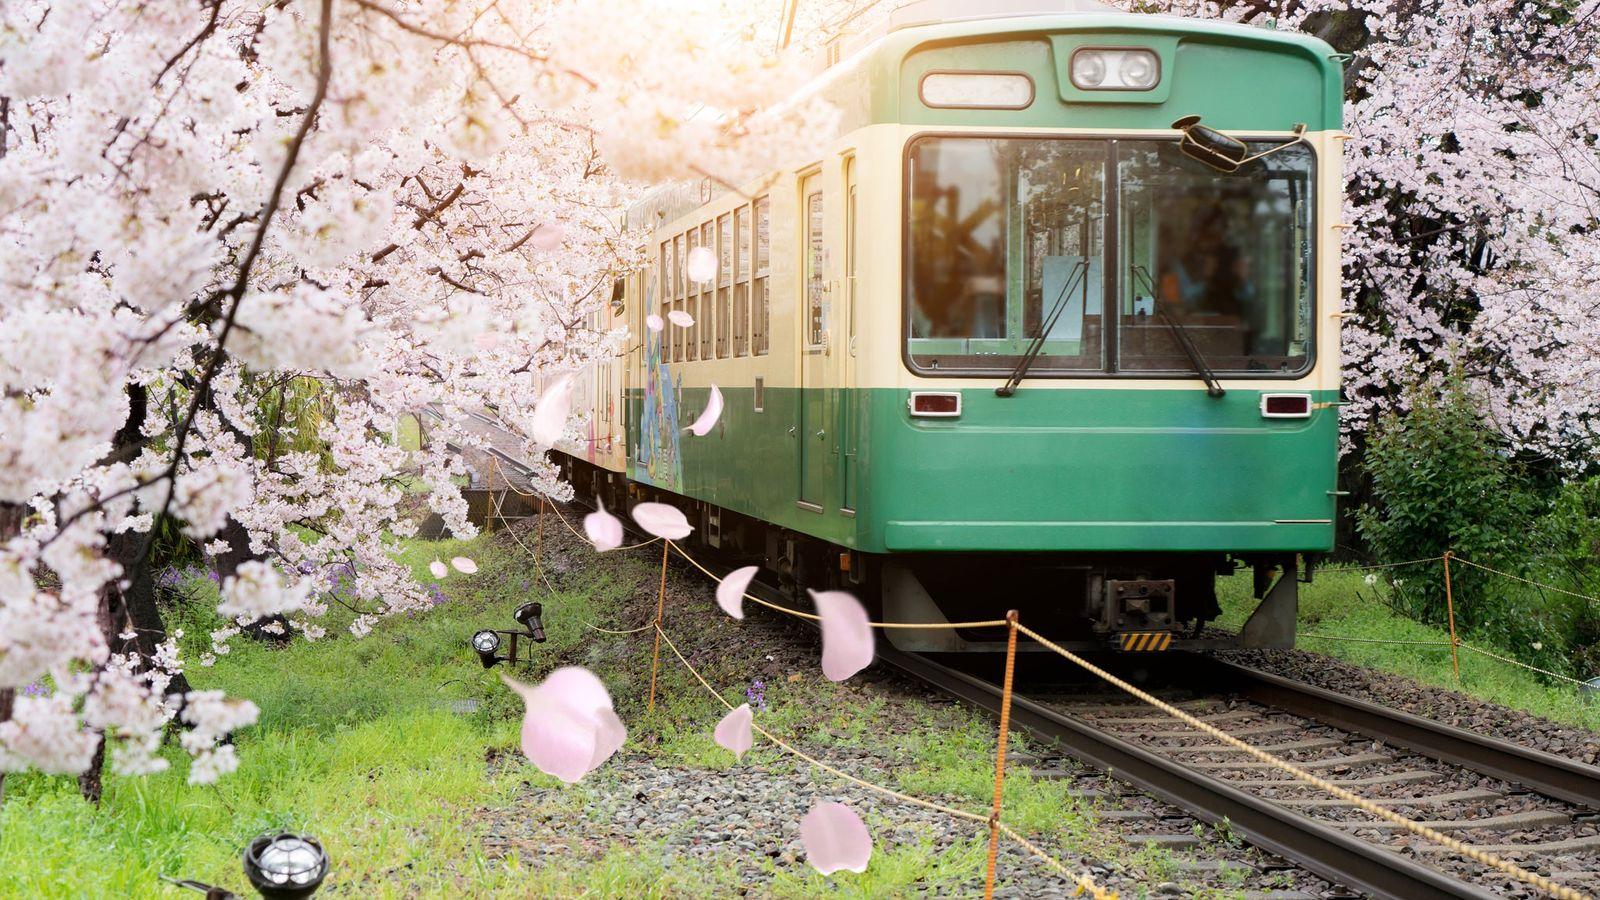 Un train local de Kyoto se fraie un chemin parmi les cerisiers en fleurs.